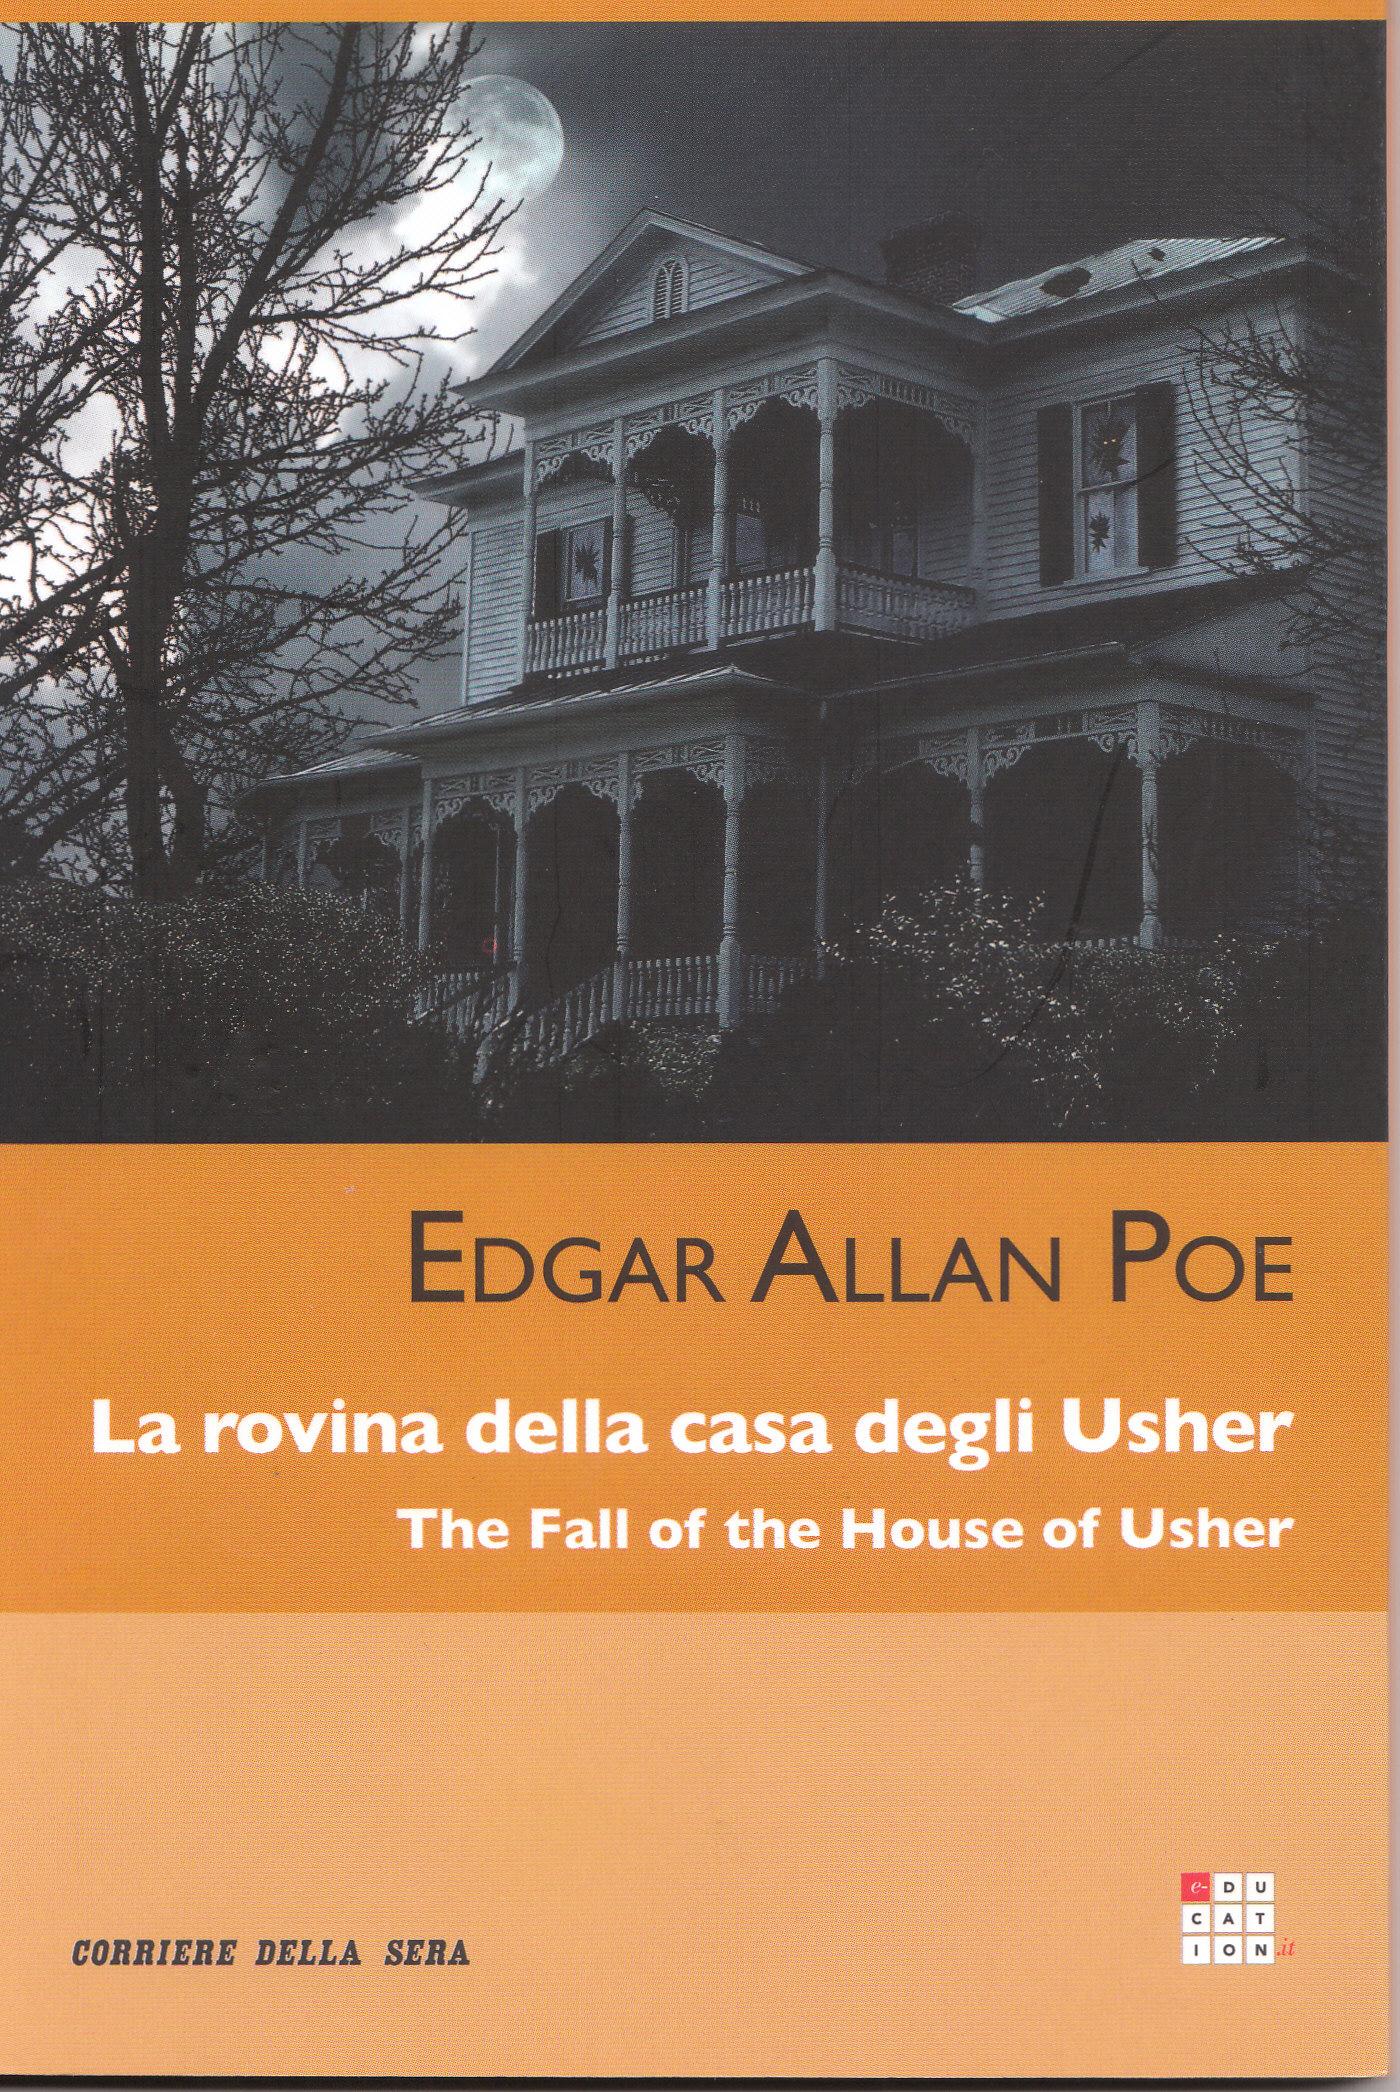 La rovina della casa degli Usher/The Fall of the House of Usher